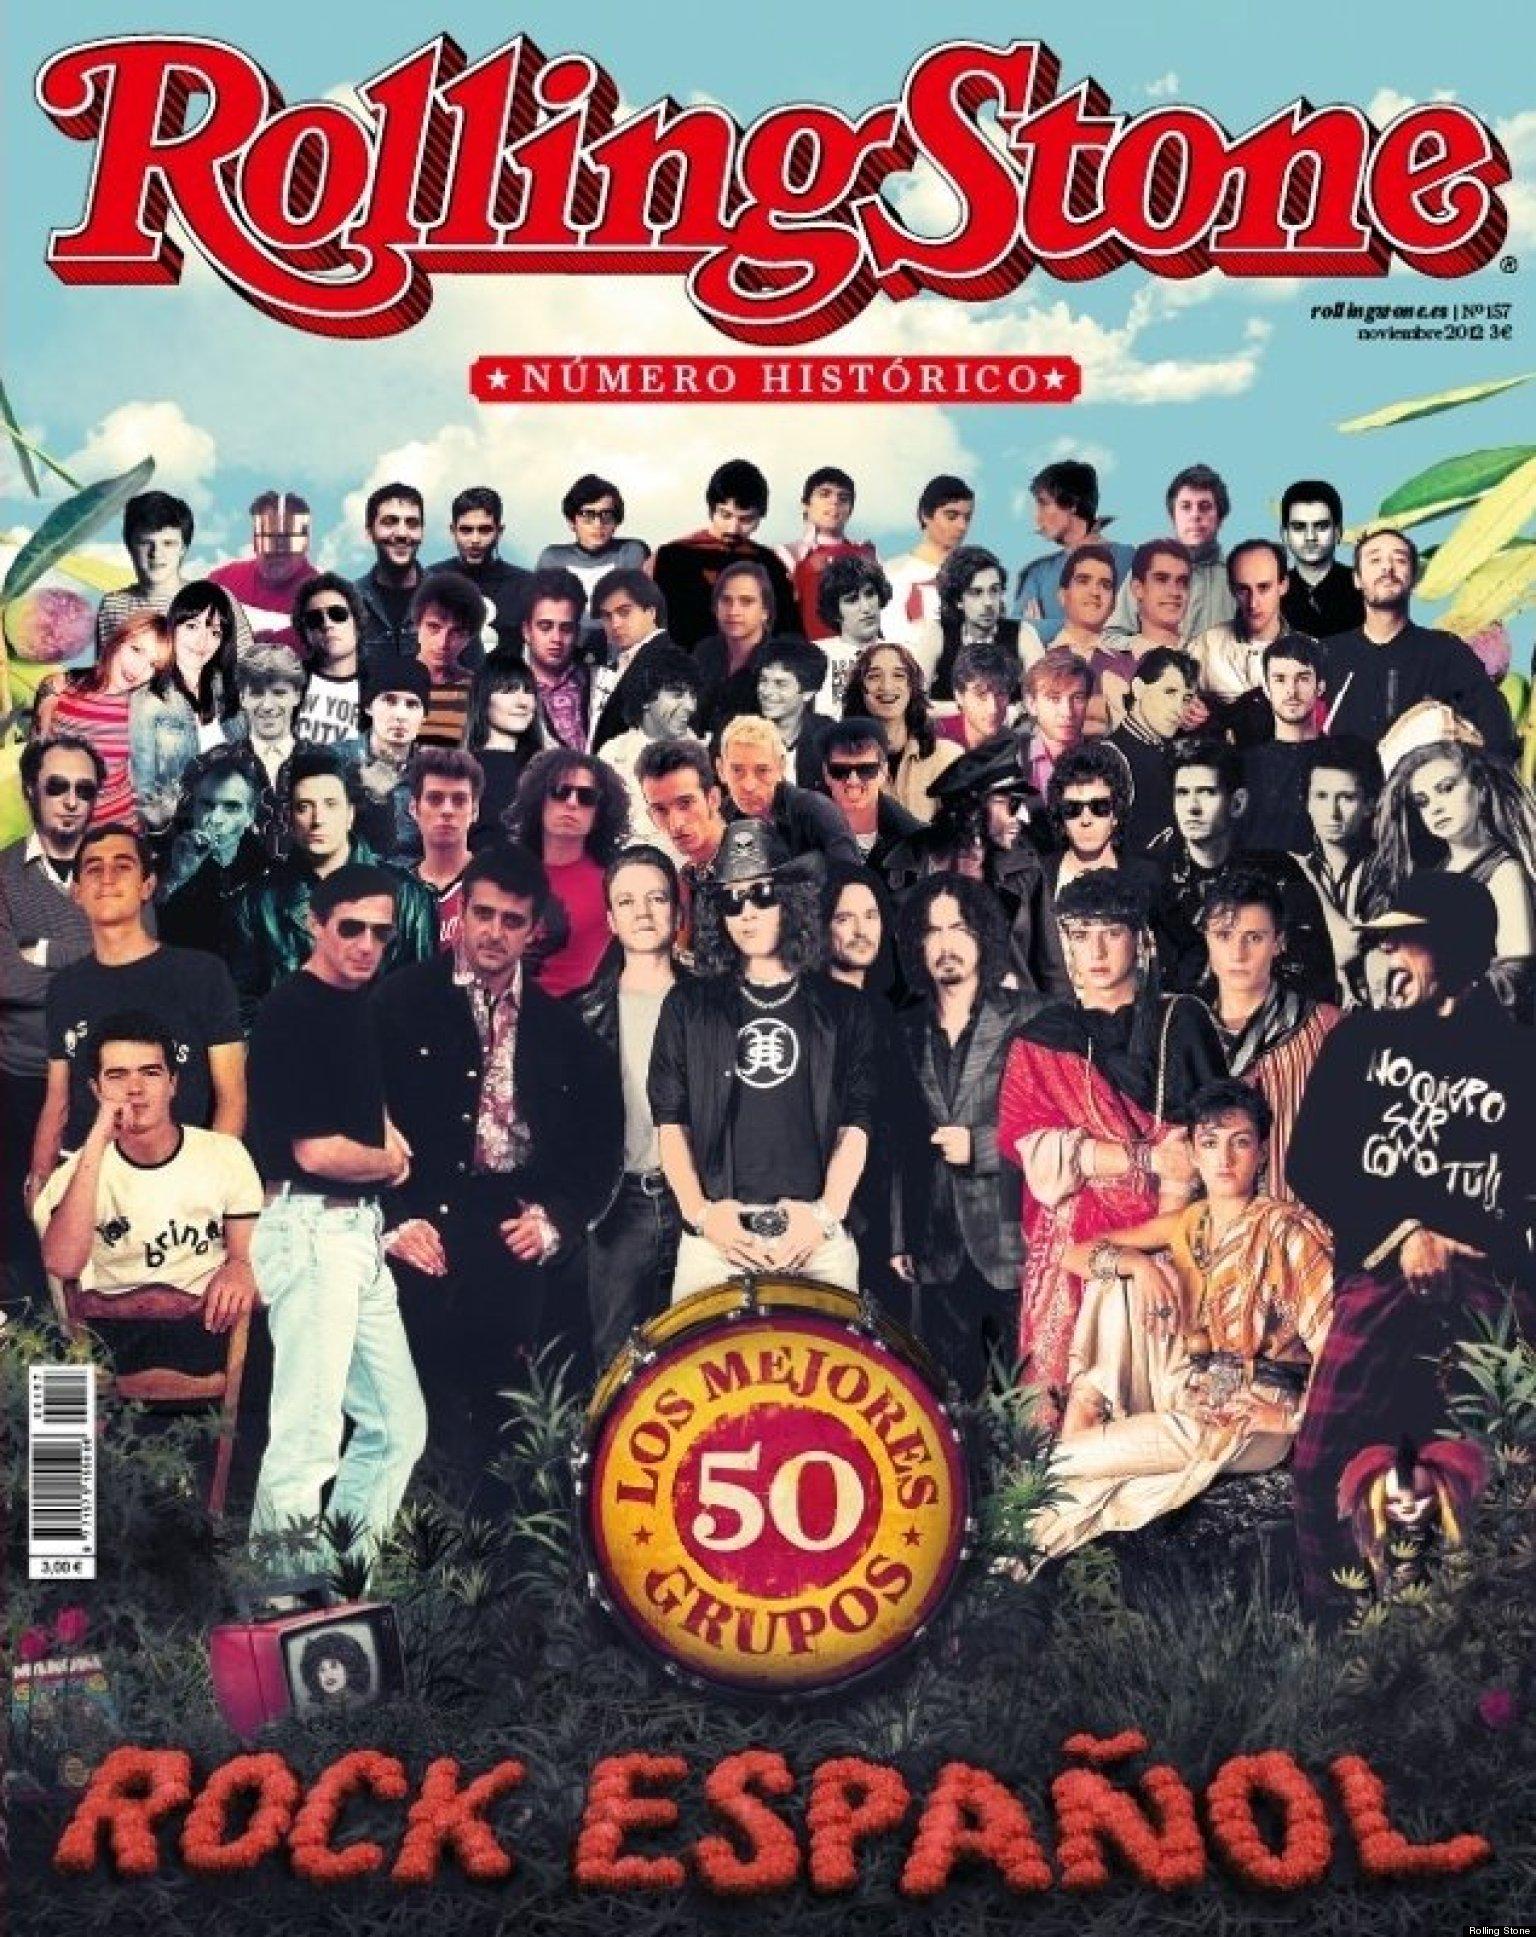 Las 50 mejores bandas de rock espa ol seg n la revista - Mejores arquitectos espanoles ...